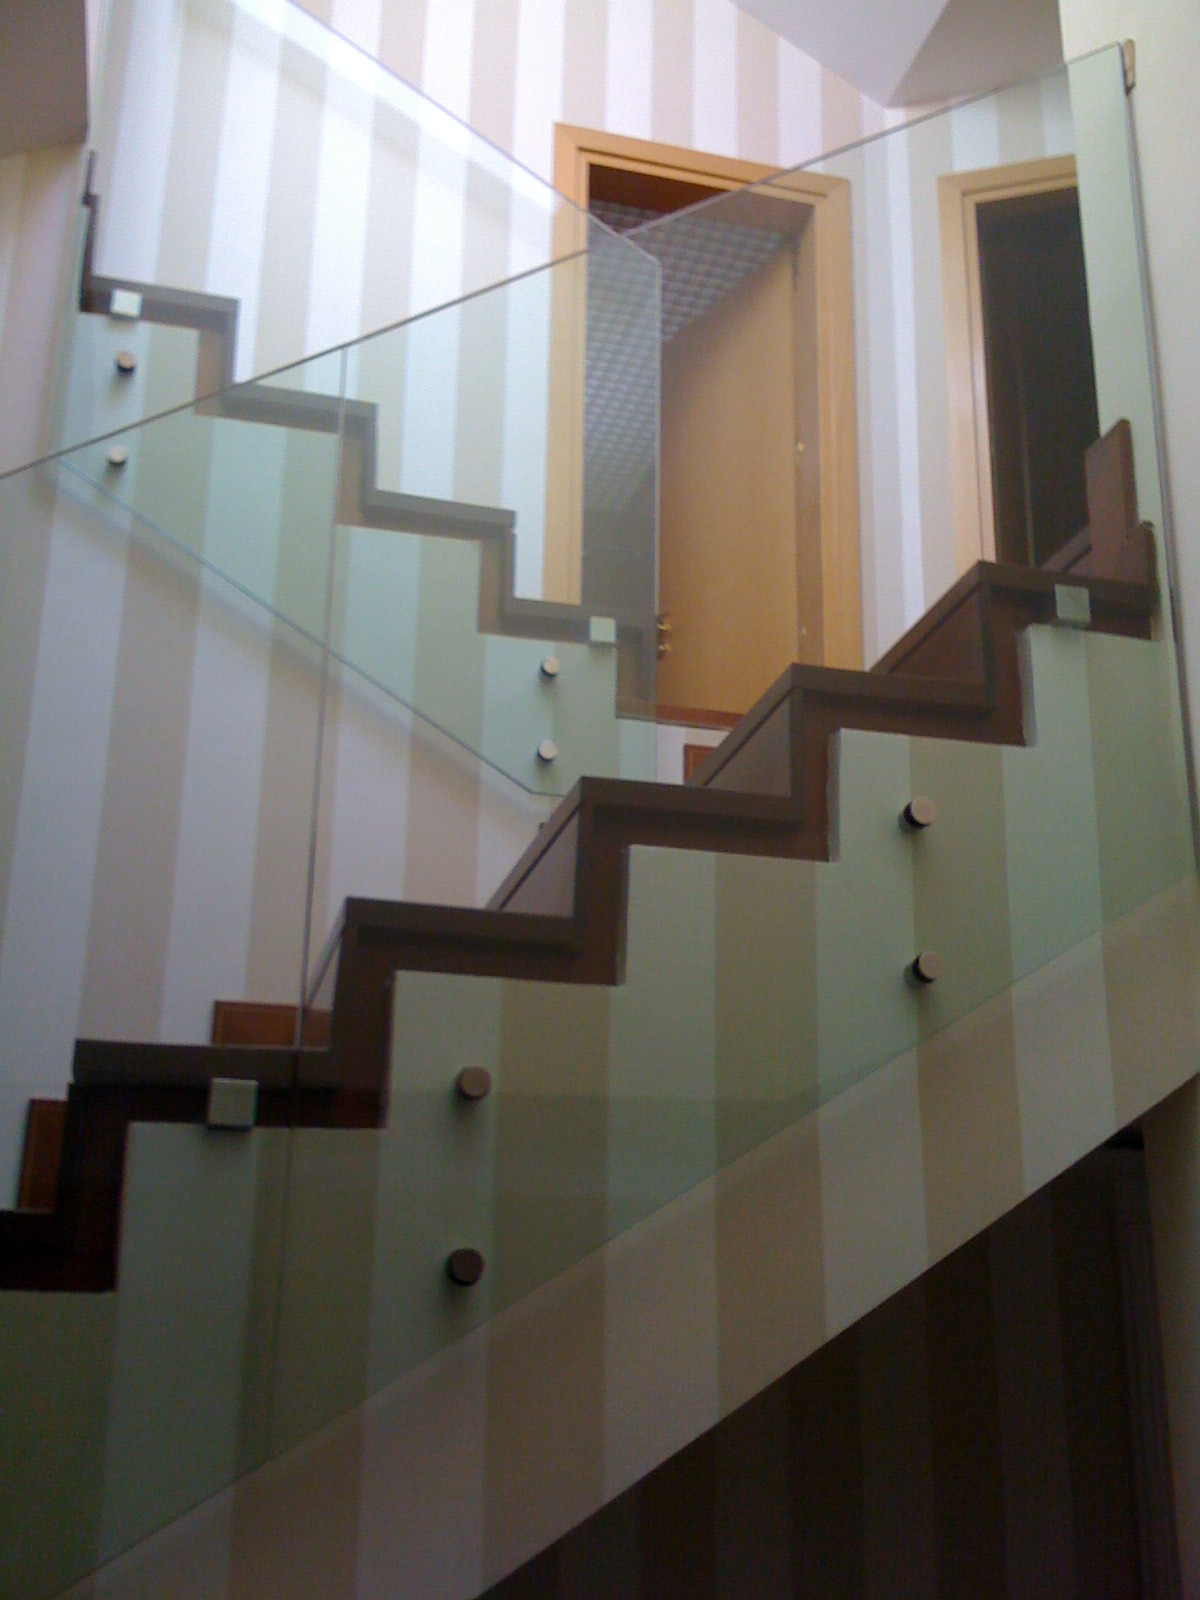 Barandillas y escaleras vidrosvazquez - Barandilla escalera interior ...